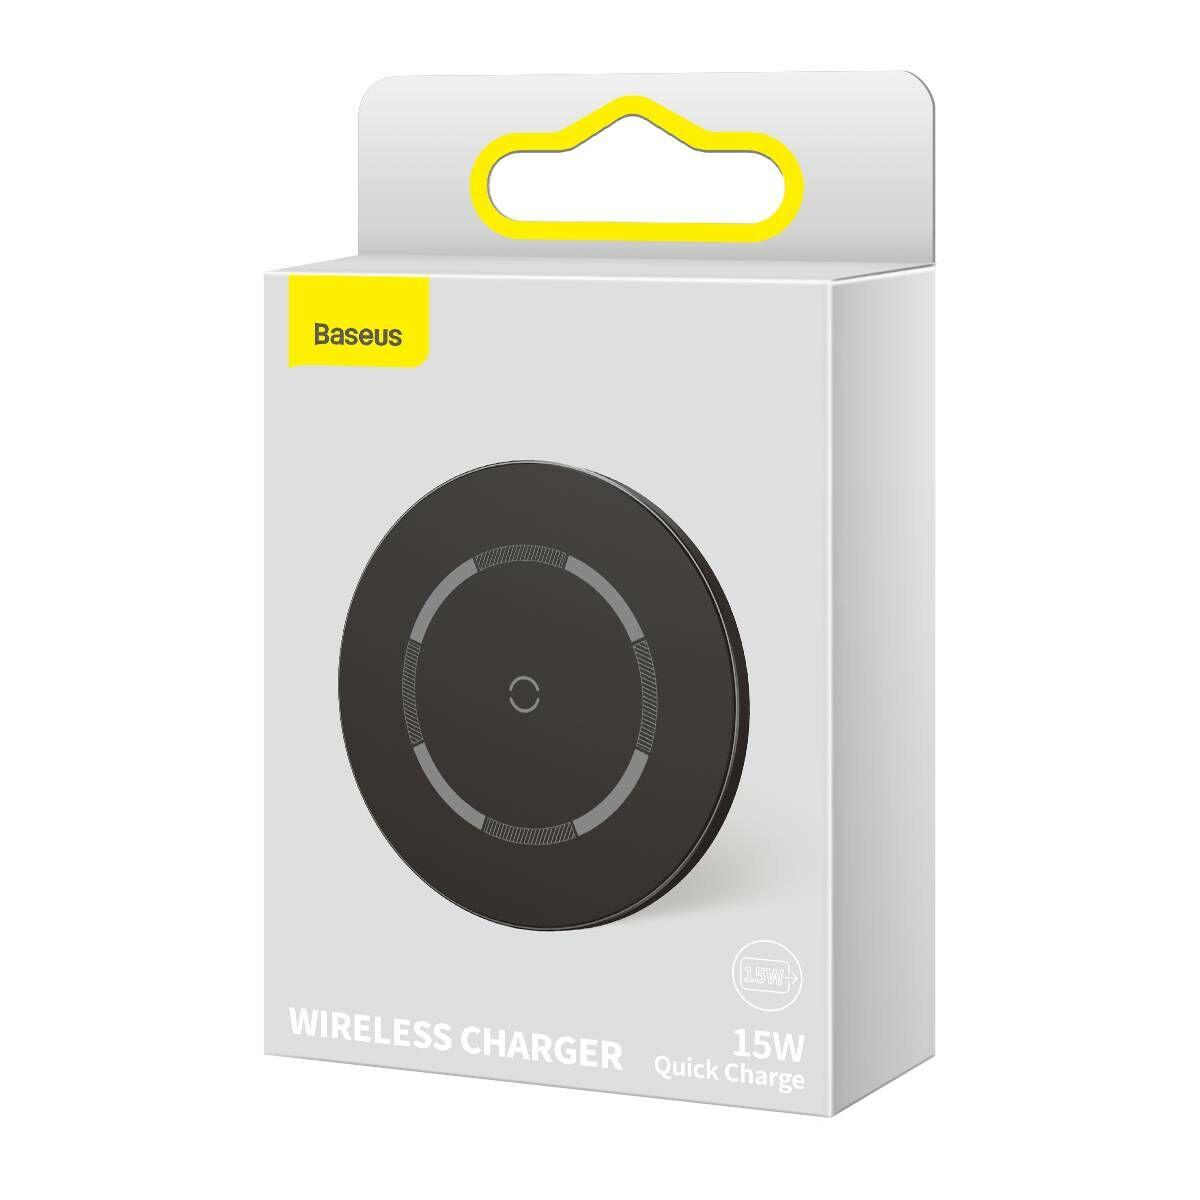 Baseus vezeték nélküli töltő, Simple Magnetic, iPhone 12 modellhez, 15W, fekete (WXJK-E01)